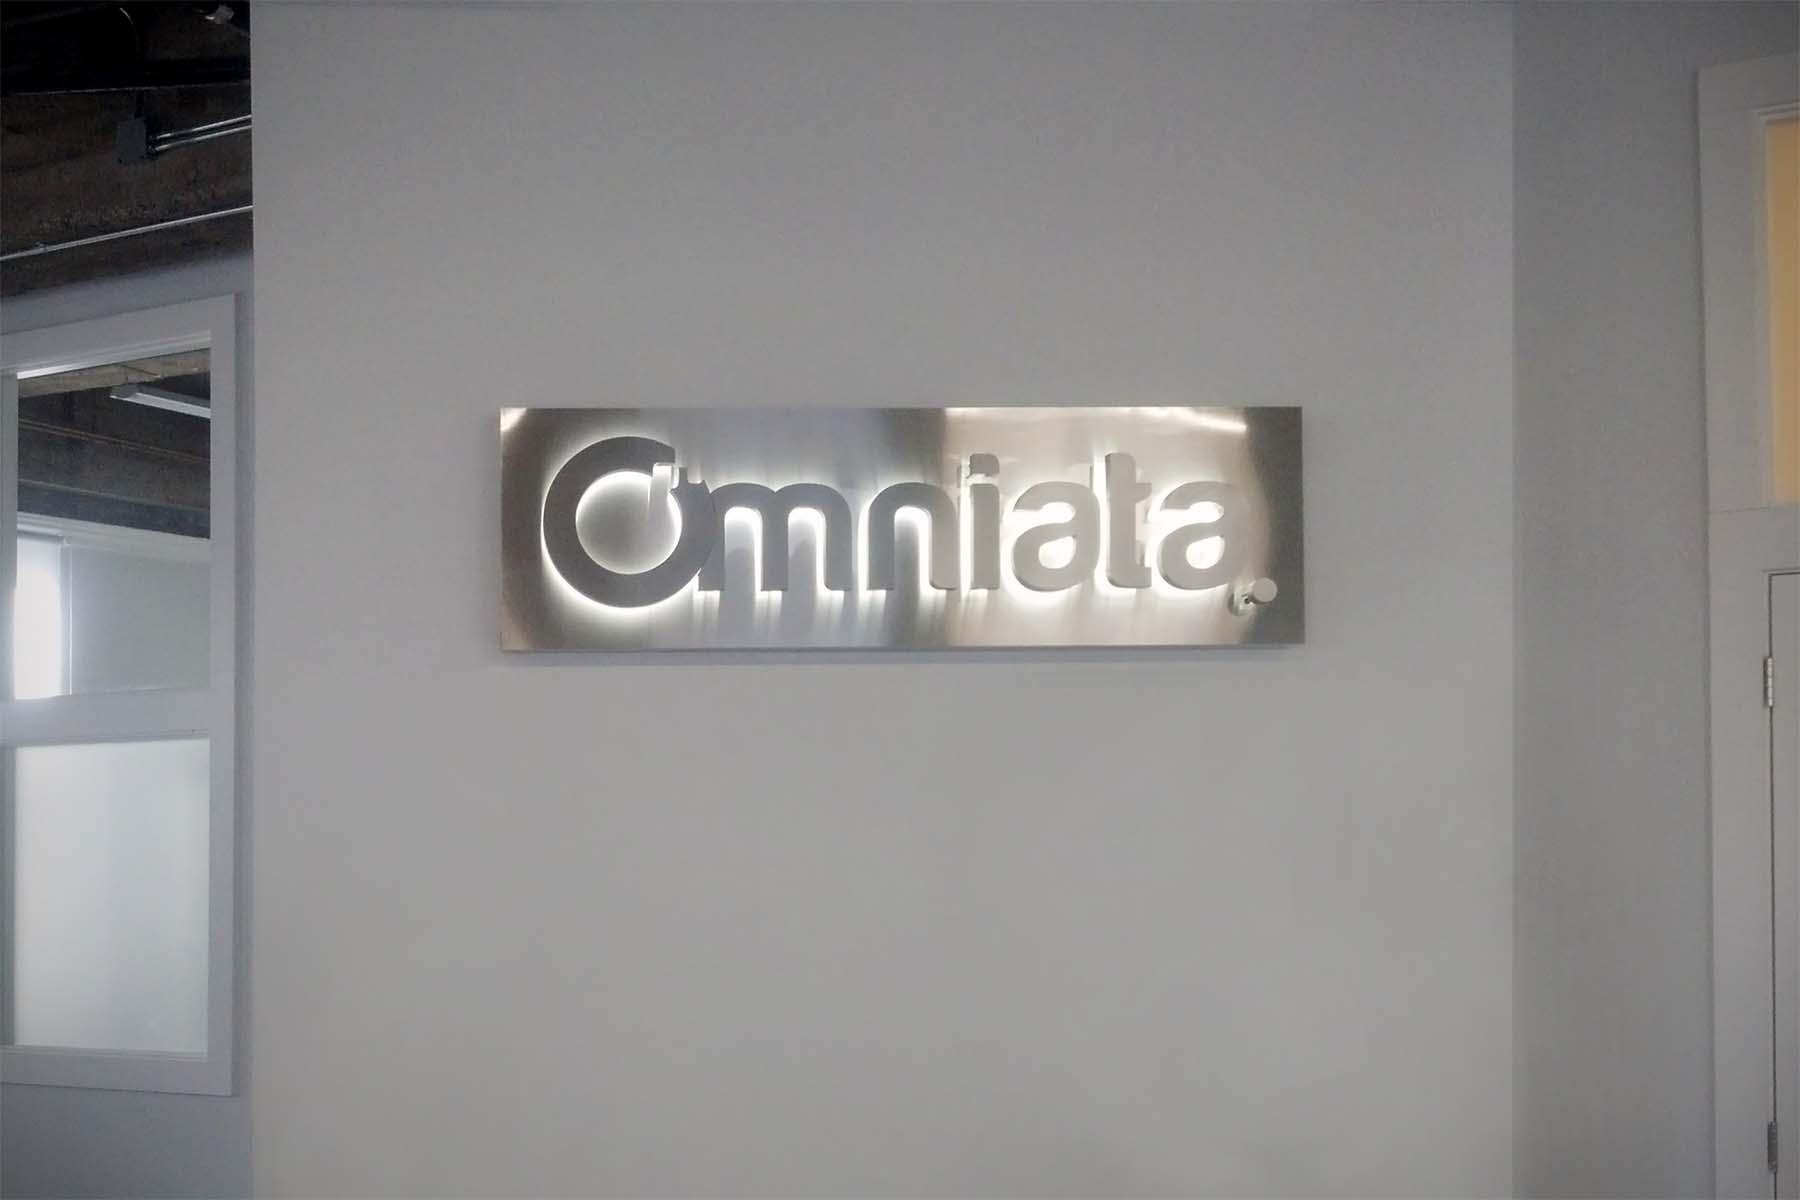 Omniata